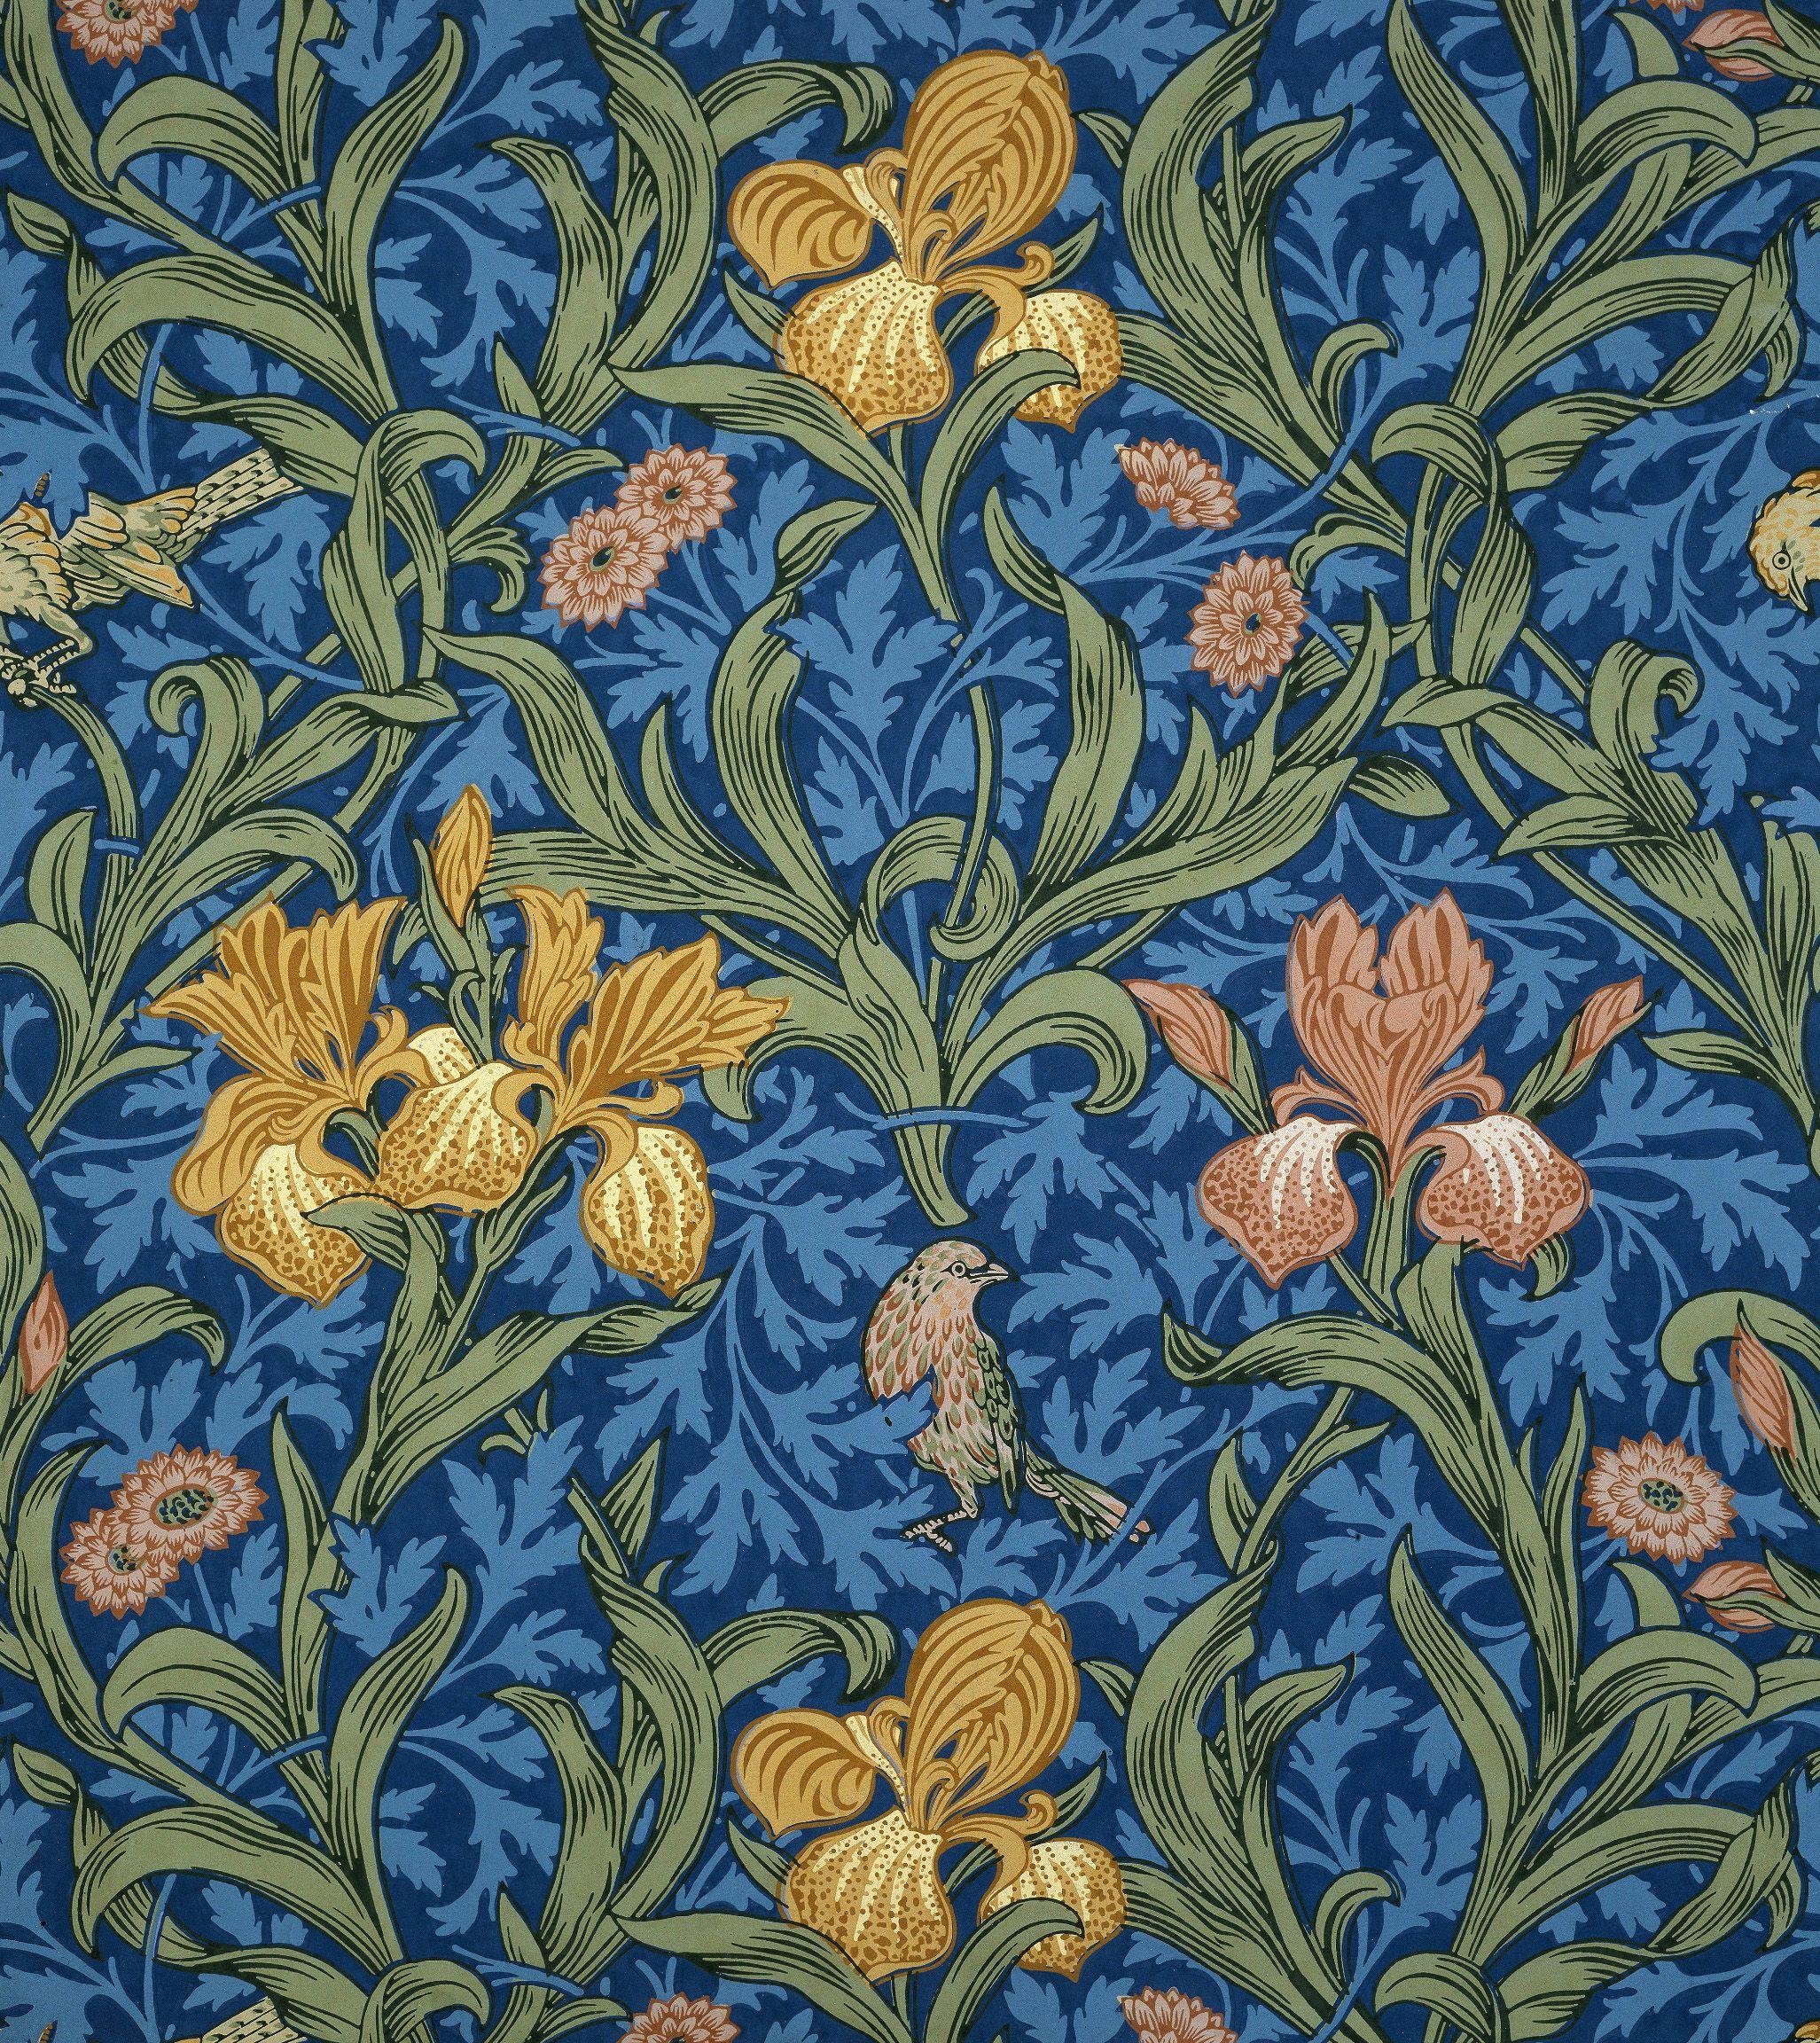 Wallpaper Design By William Morris British 1834 1896